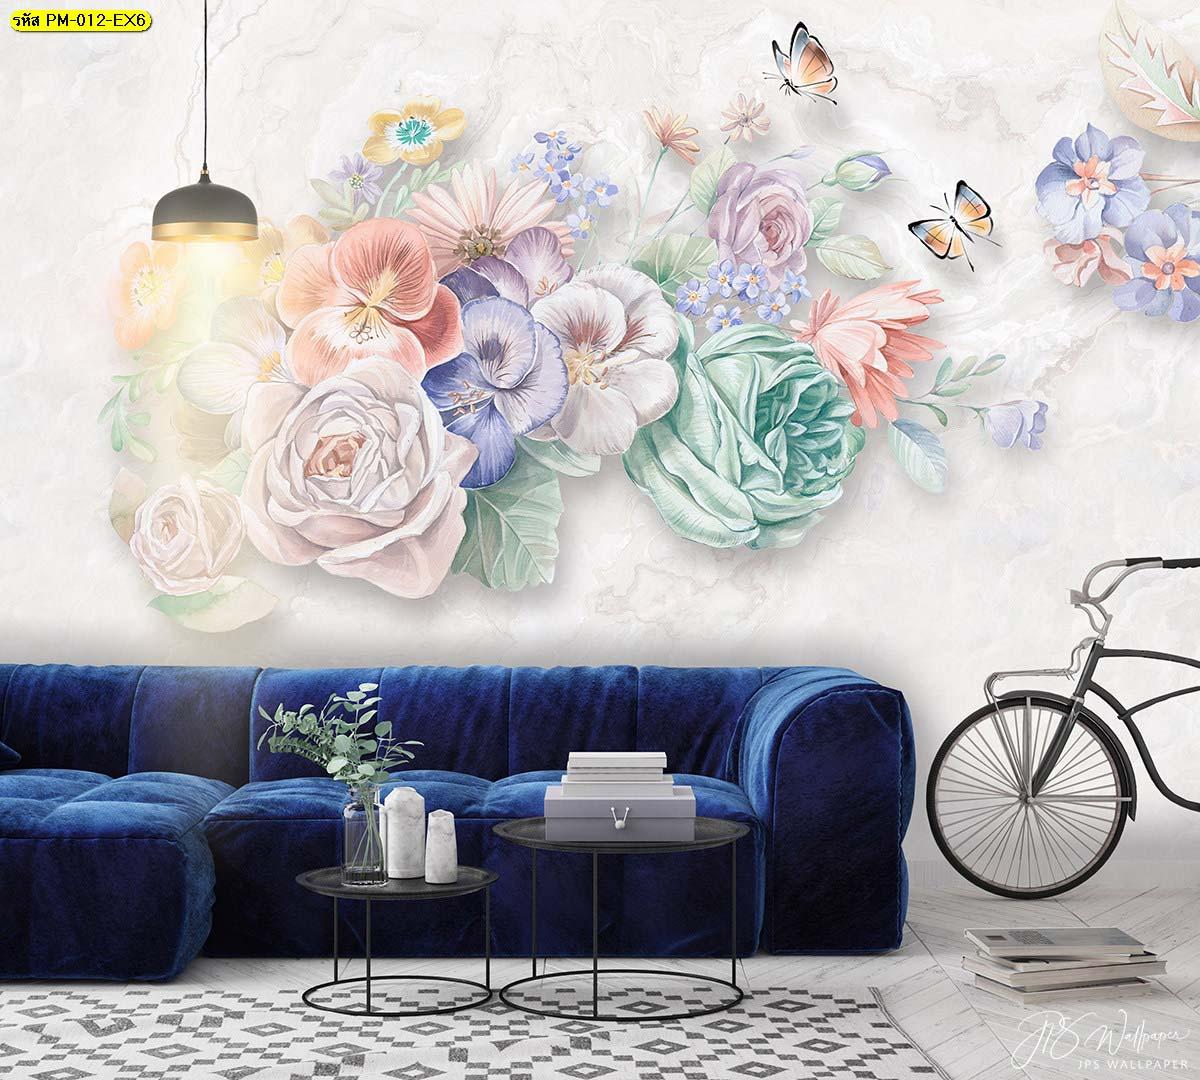 โซฟาเบาะผ้าแต่งเพิ่มด้วยจักรยาน ในห้องรับแขกผนังลายดอกไม้สีพาสเทล